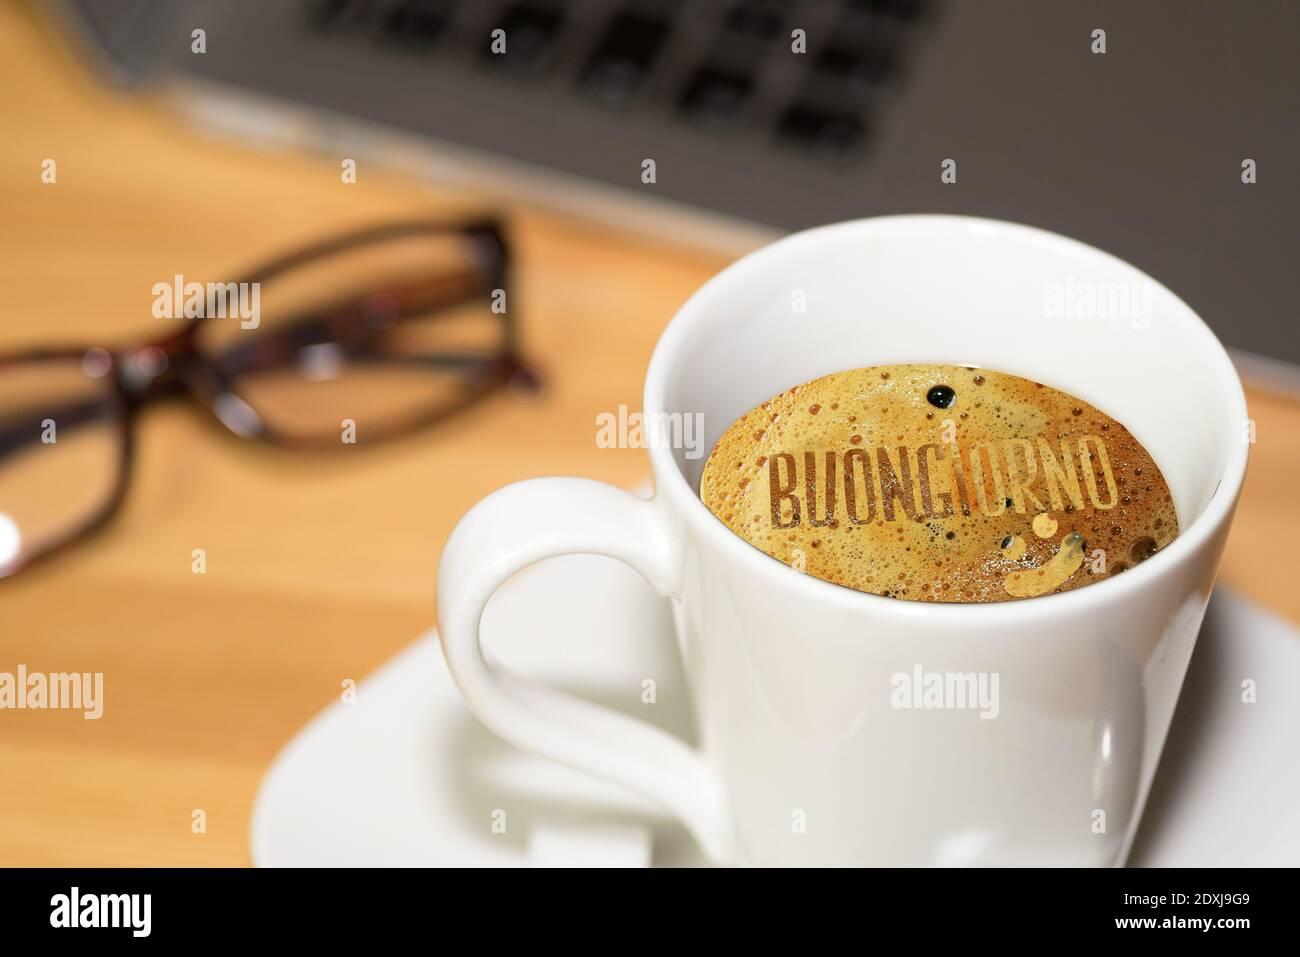 https www alamyimages fr une tasse de cafe et bonjour a buongiorno italien image395011801 html